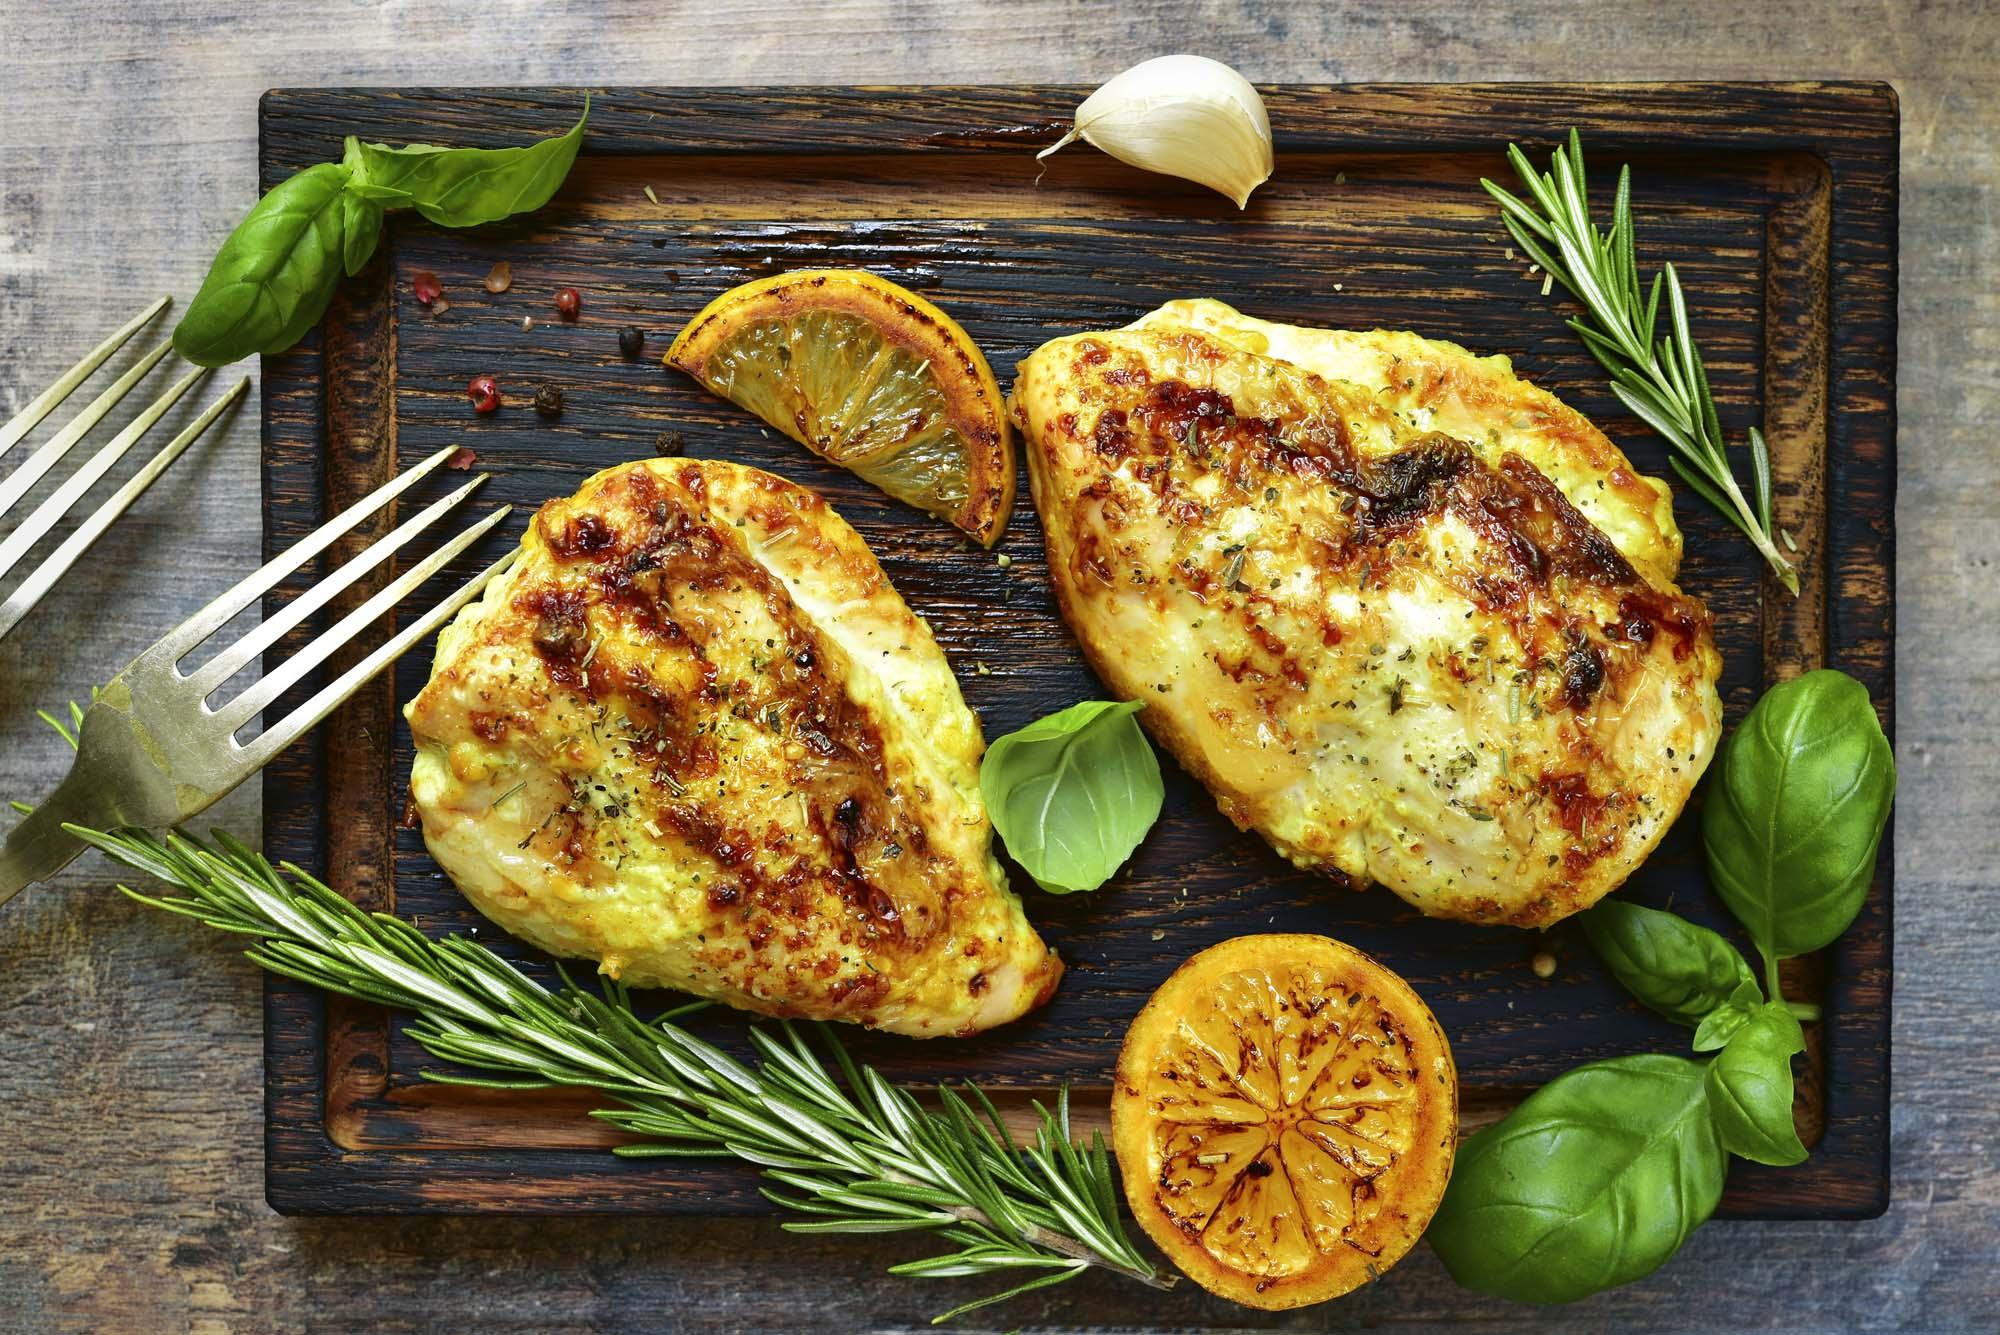 Lemon Herb Grilled Chicken - DTG